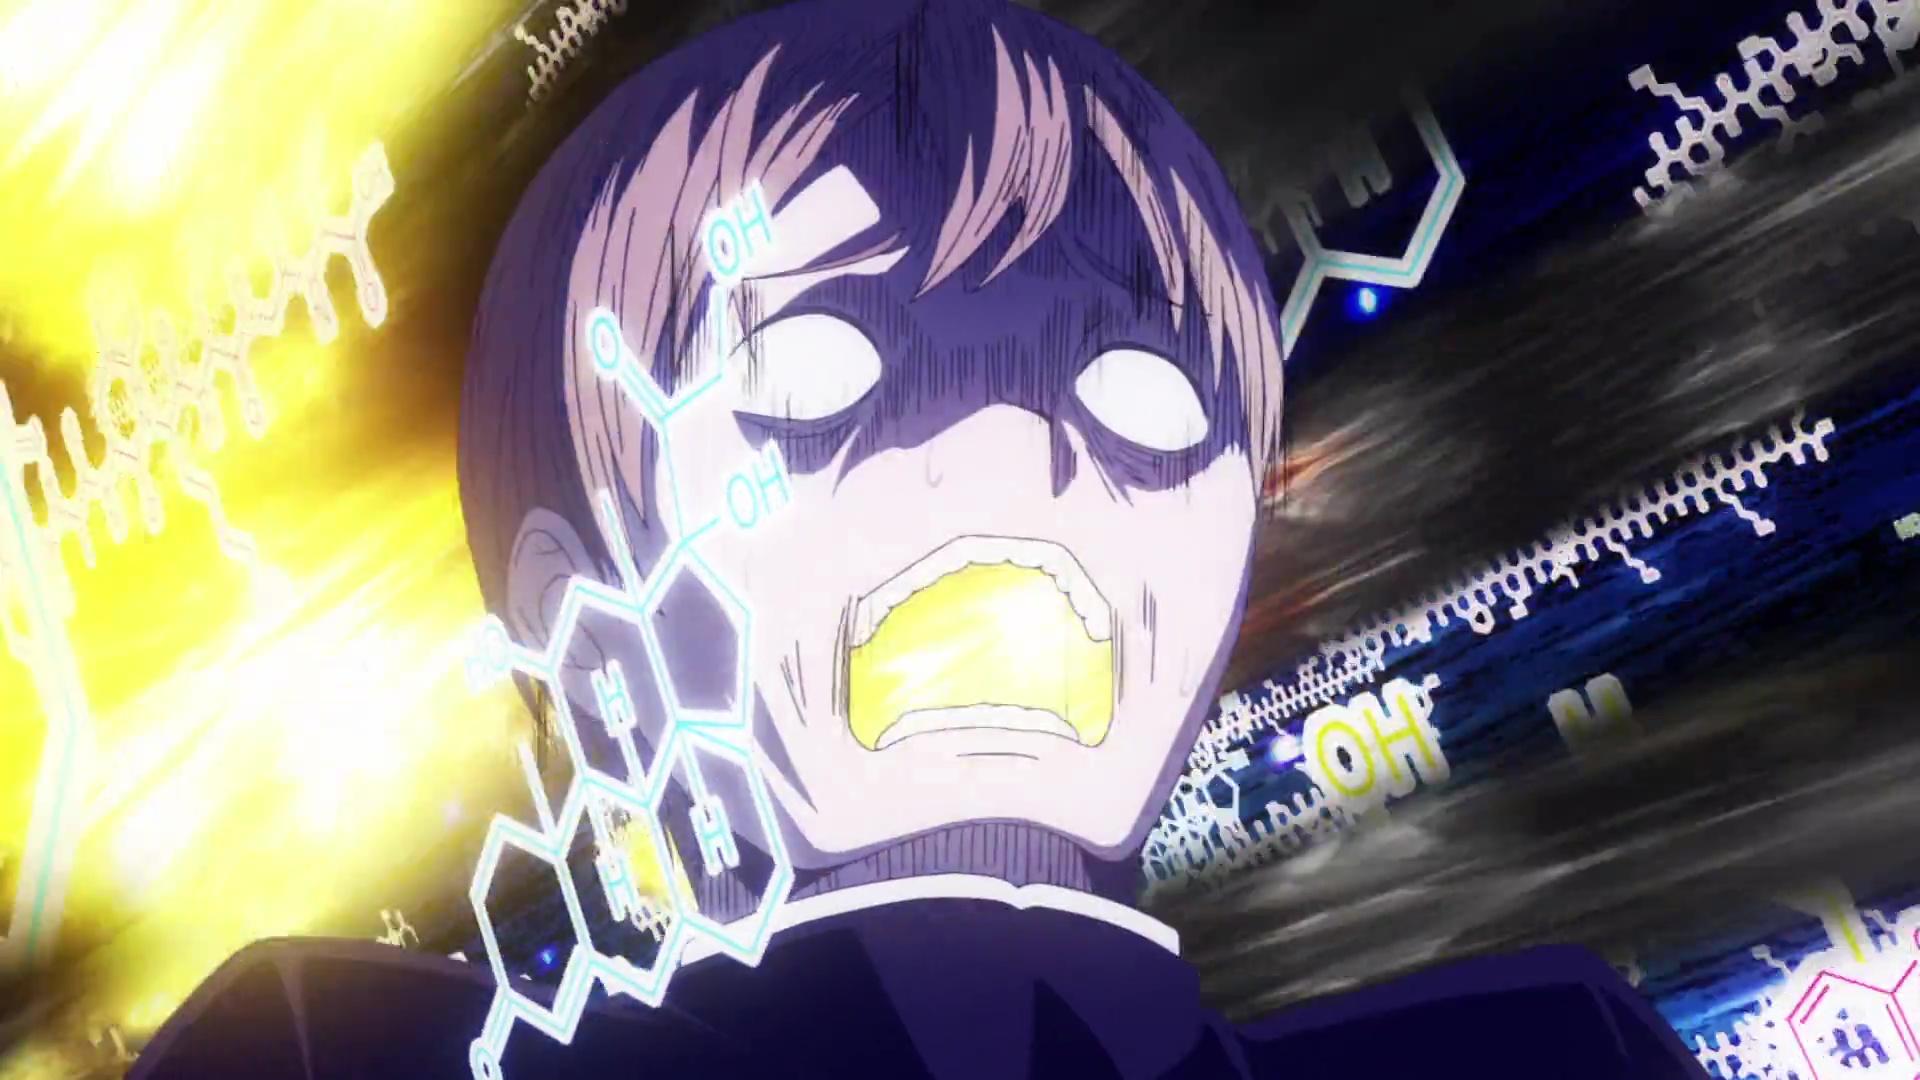 Shirogane in pain after Kaguya gives him hand massage in Kaguya sama love is war season 2 episode 7